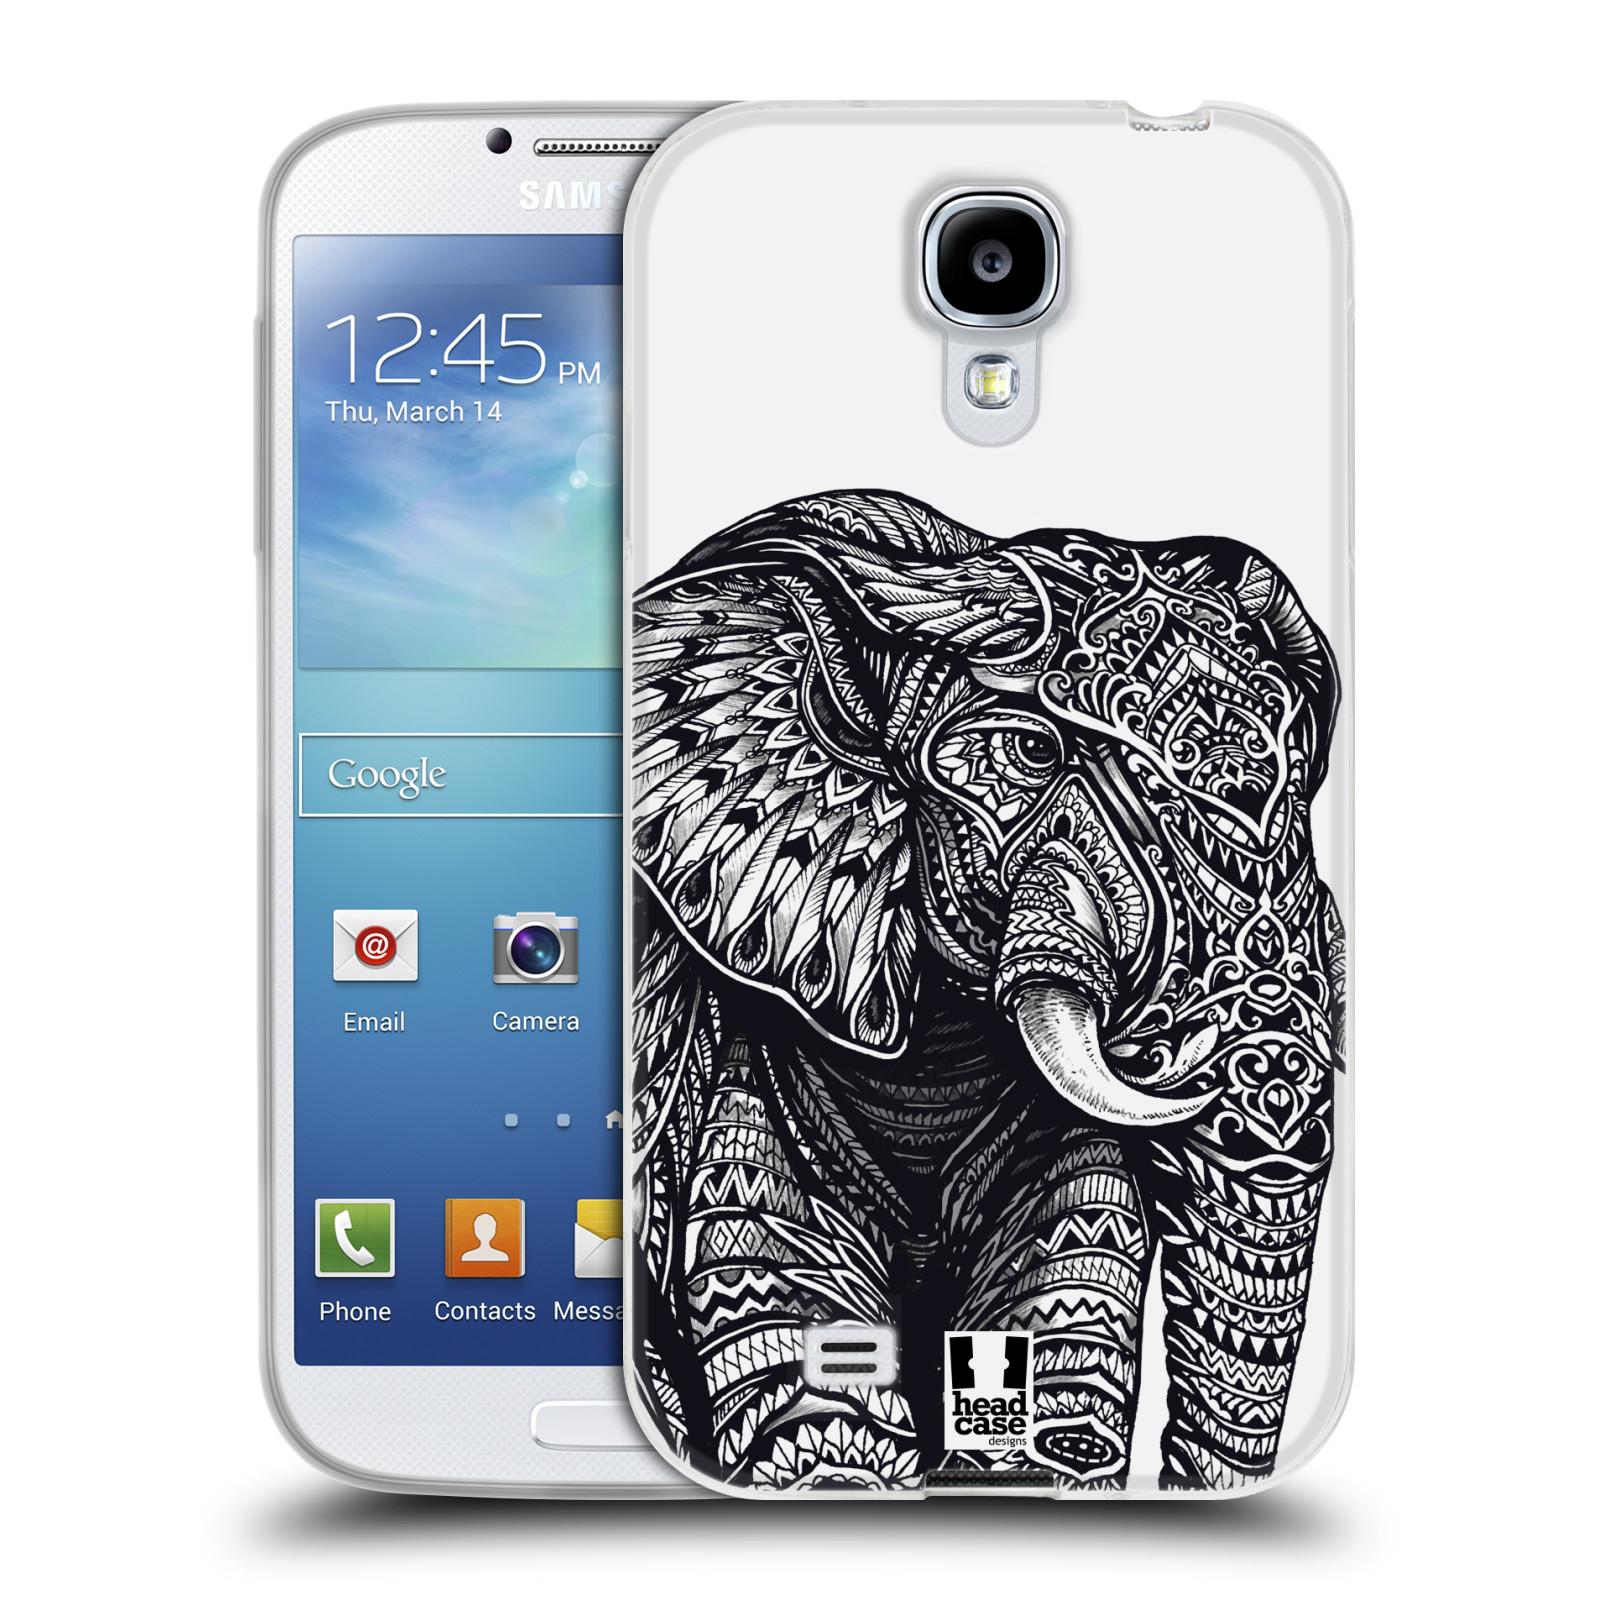 Silikonové pouzdro na mobil Samsung Galaxy S4 HEAD CASE Zdobený Slon (Silikonový kryt či obal na mobilní telefon Samsung Galaxy S4 GT-i9505 / i9500)